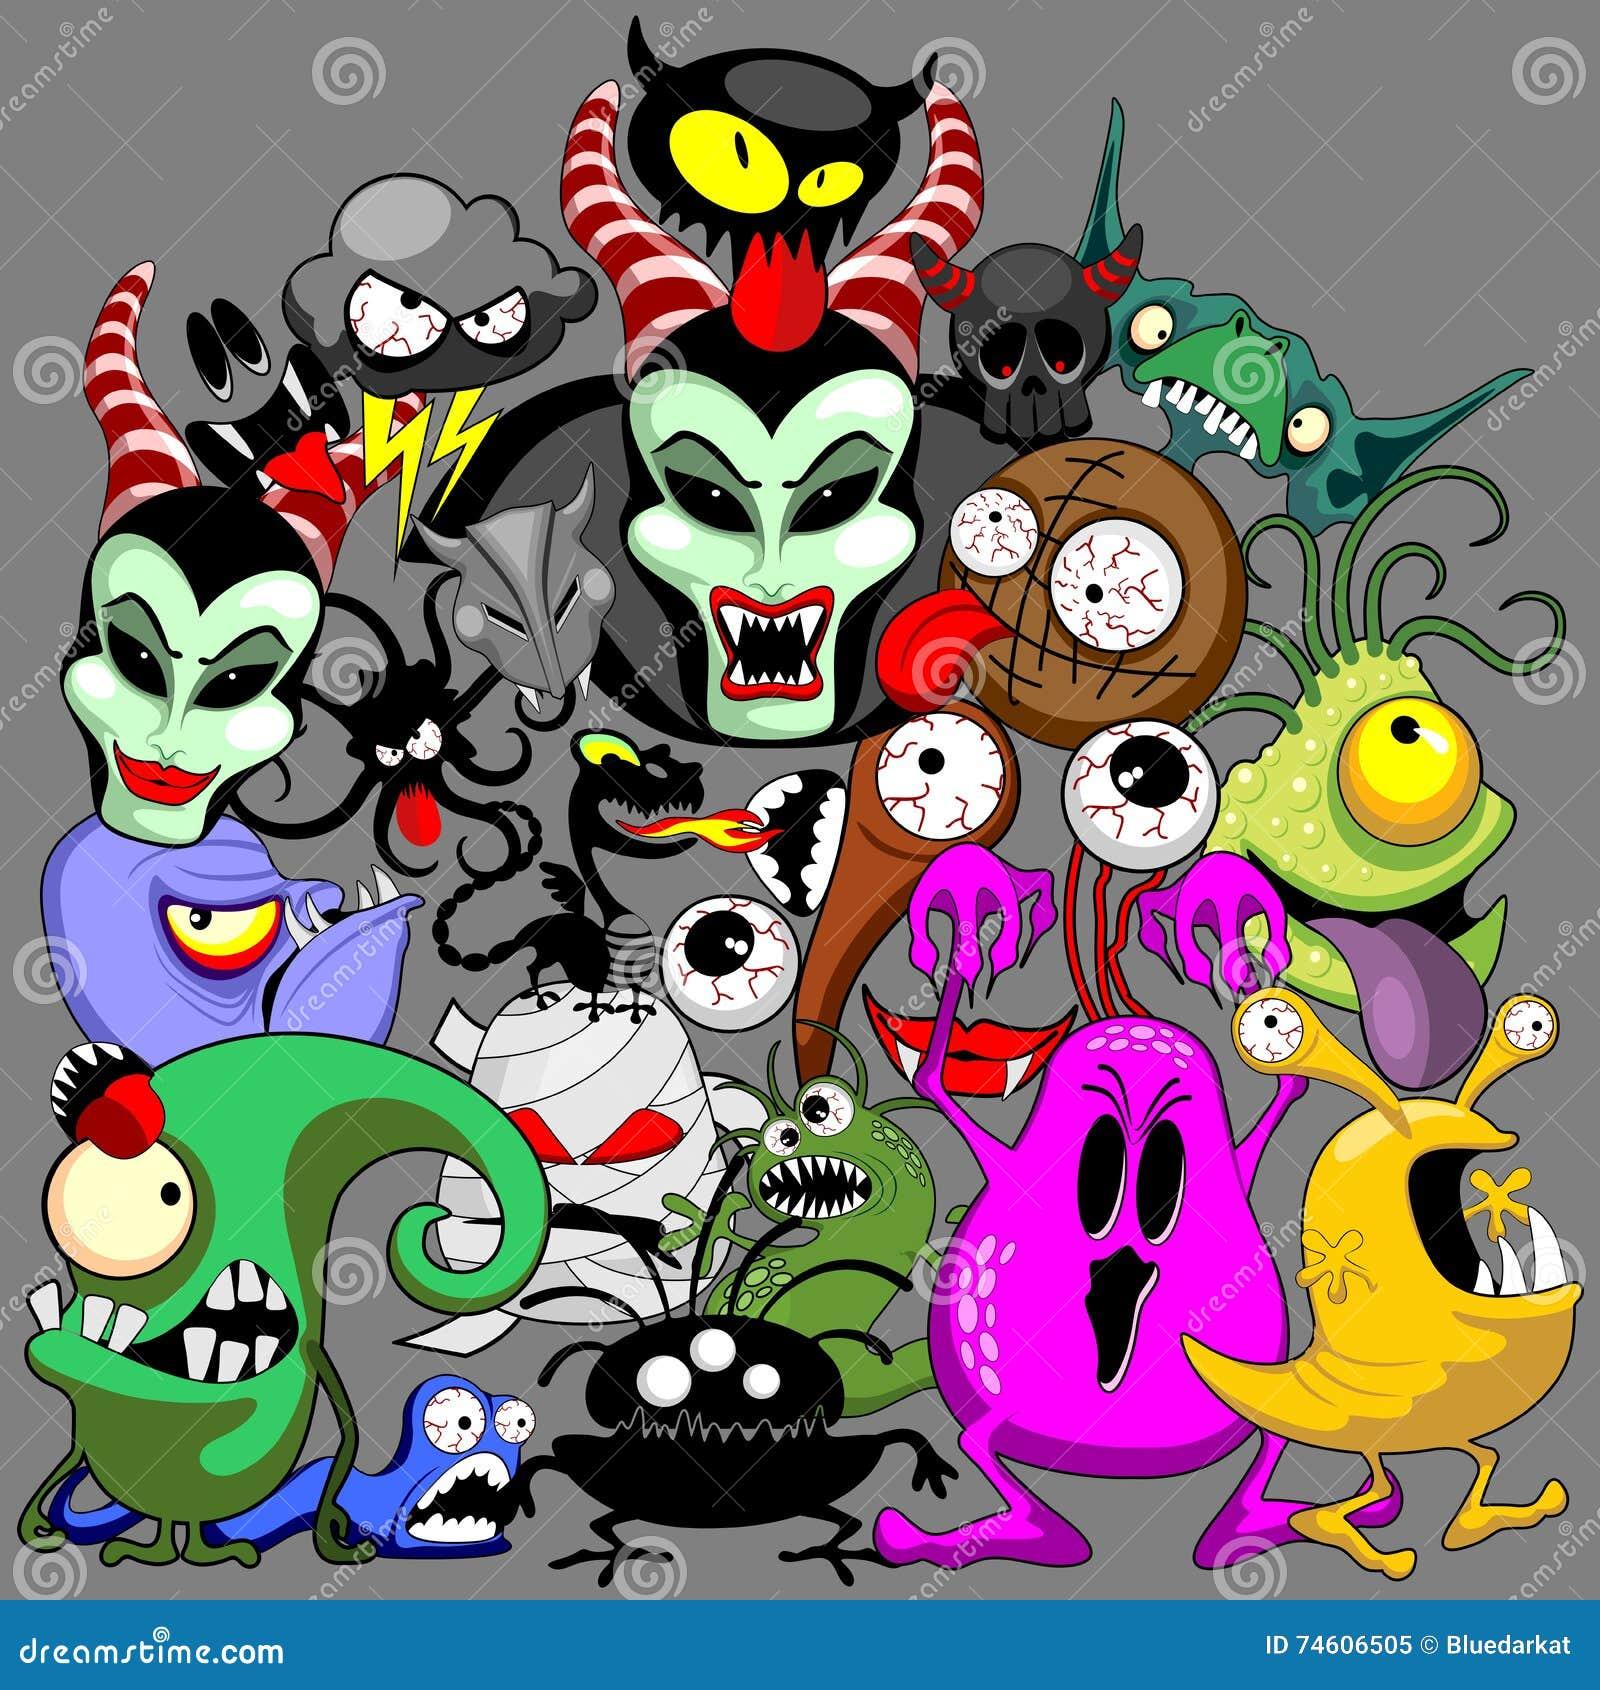 Monsters Doodles Spooky Halloween Characters Stock Vector ...